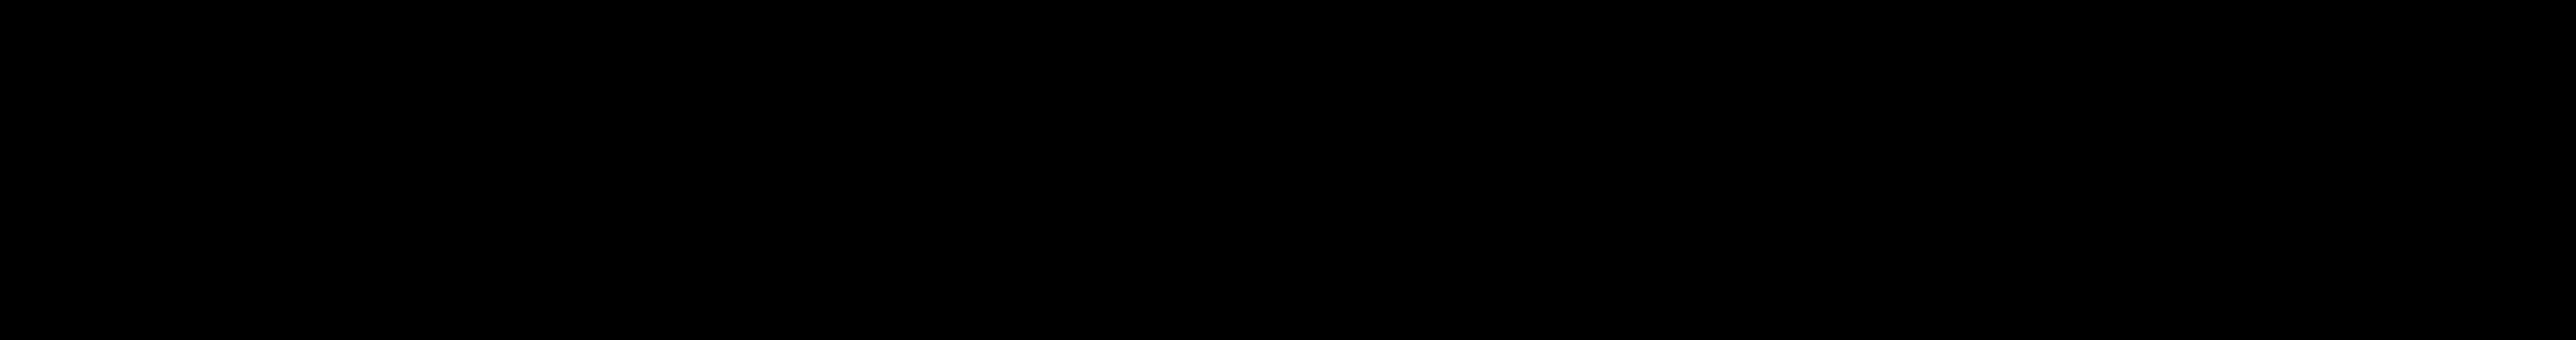 Logo Future Malmö - Malmö Game - @malmogame - malmogame.se